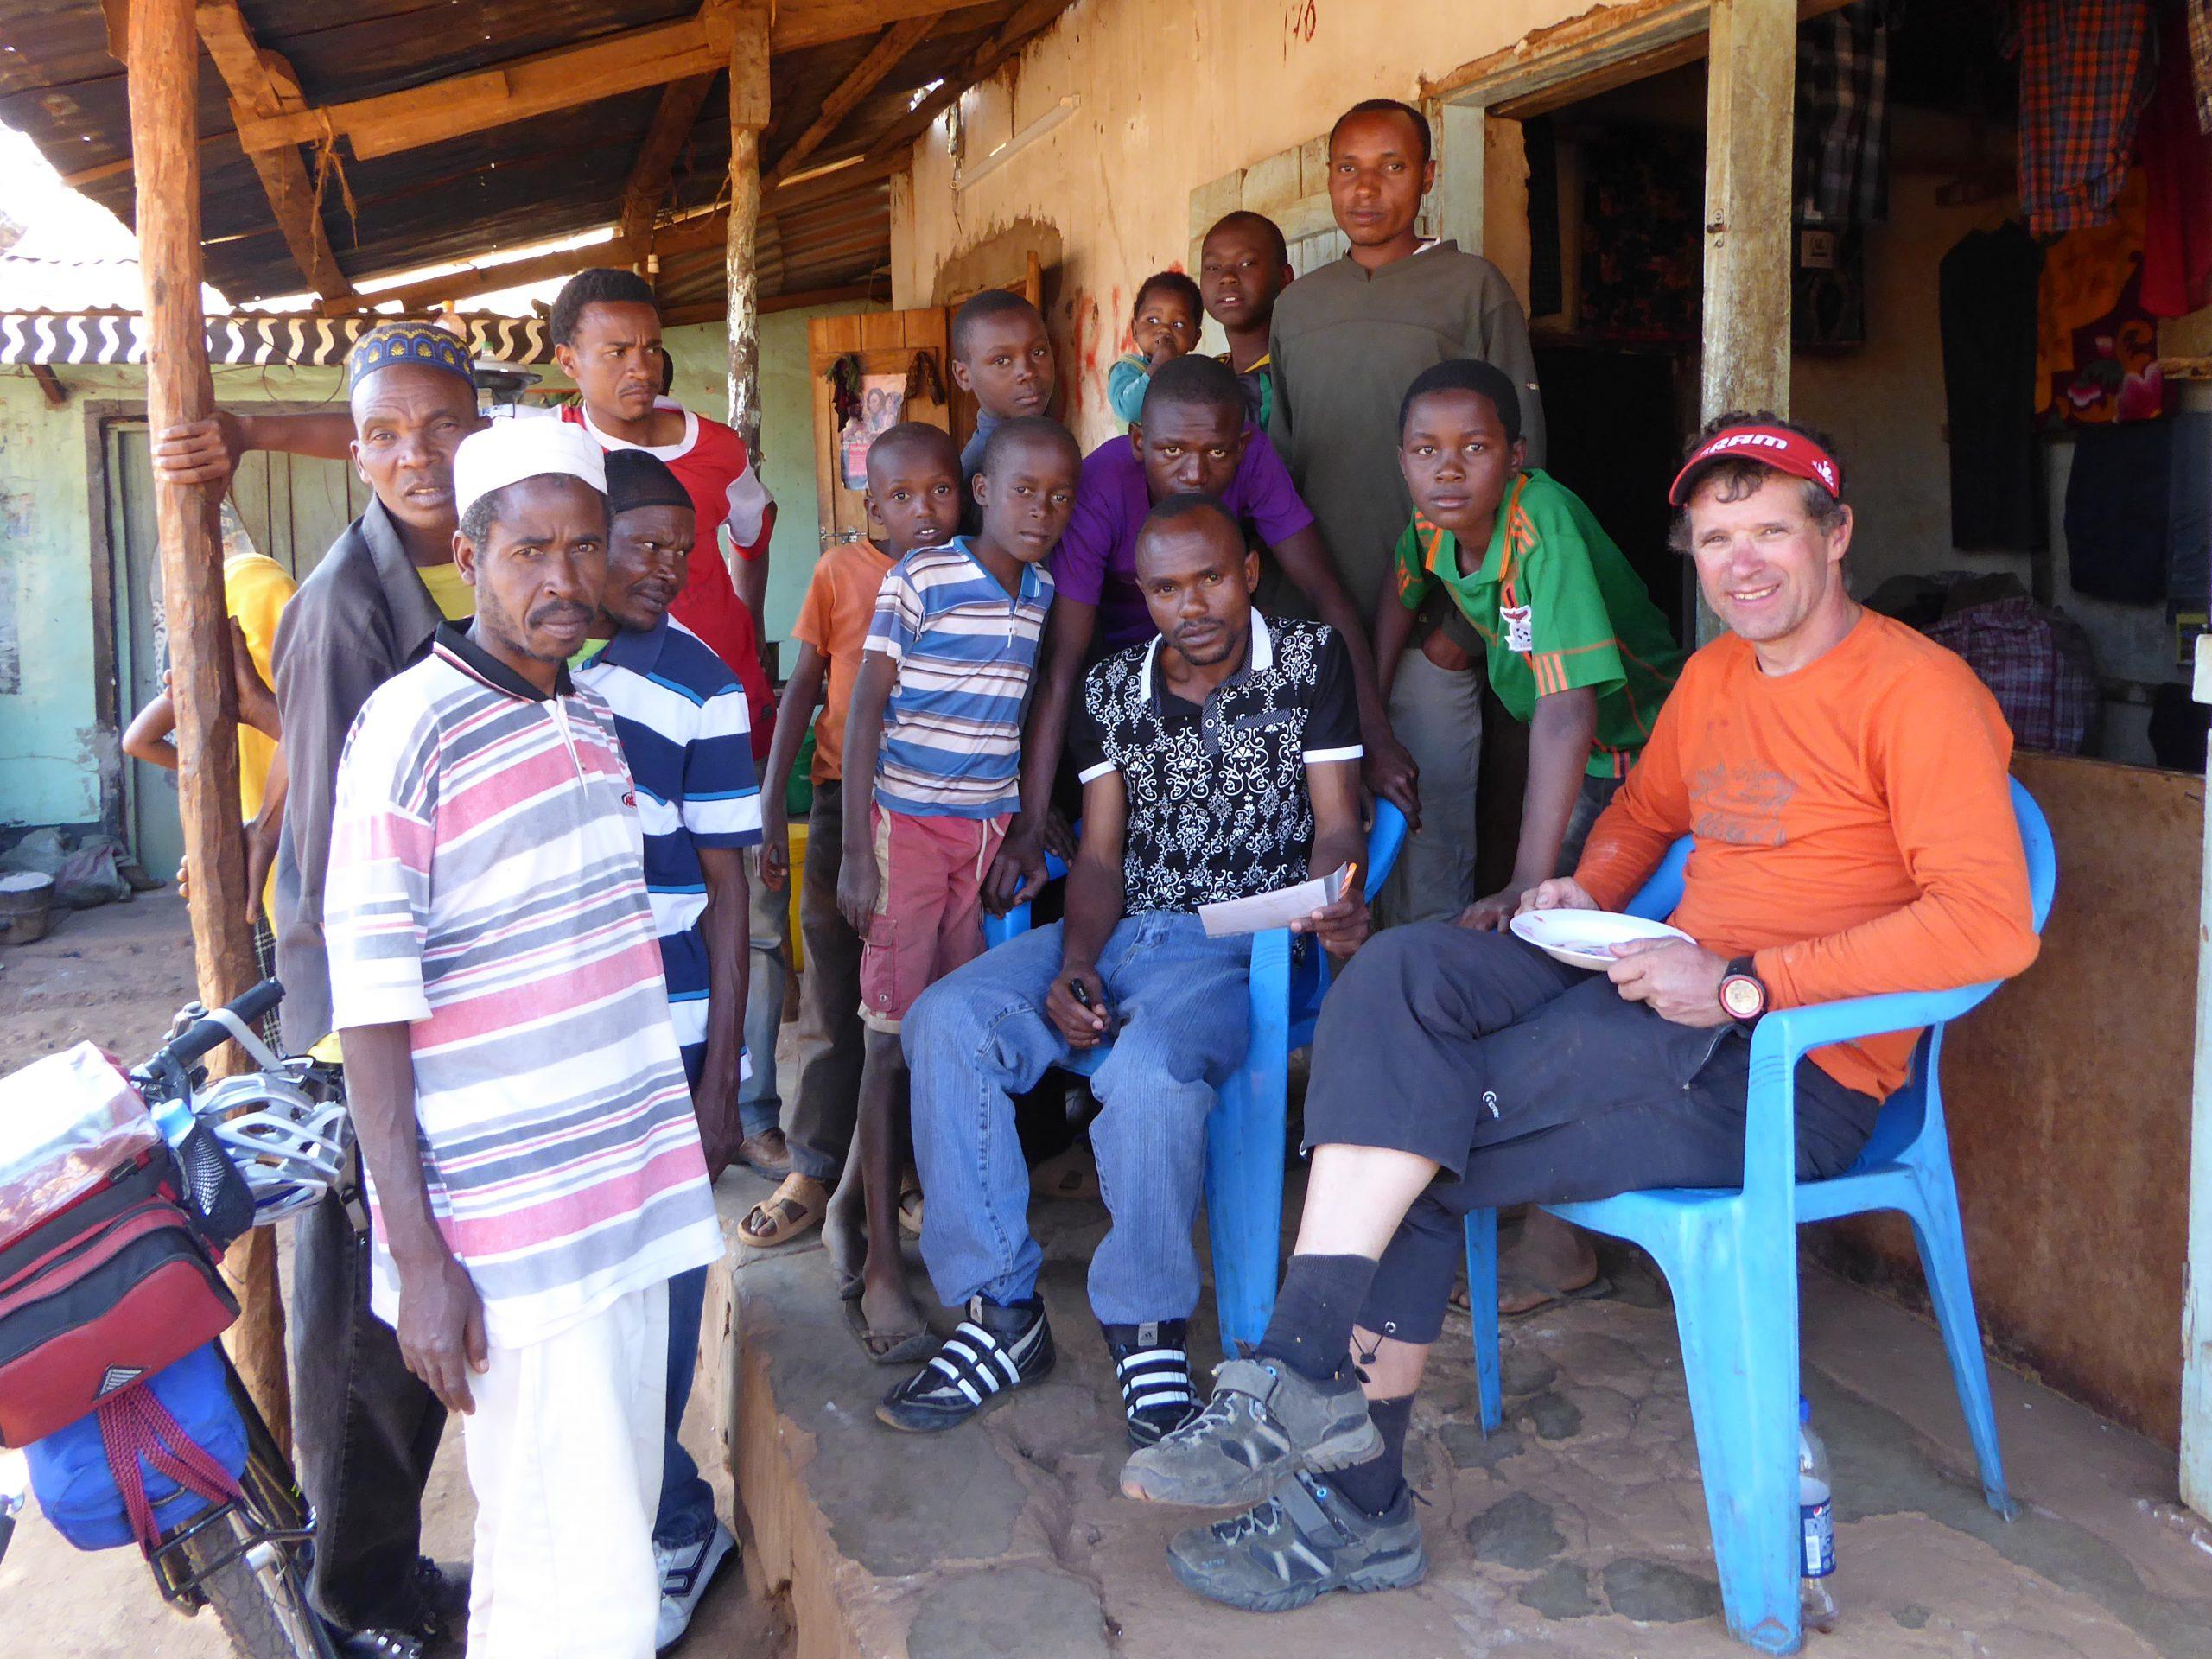 Radreise Afrika 2014 - Mittagspause